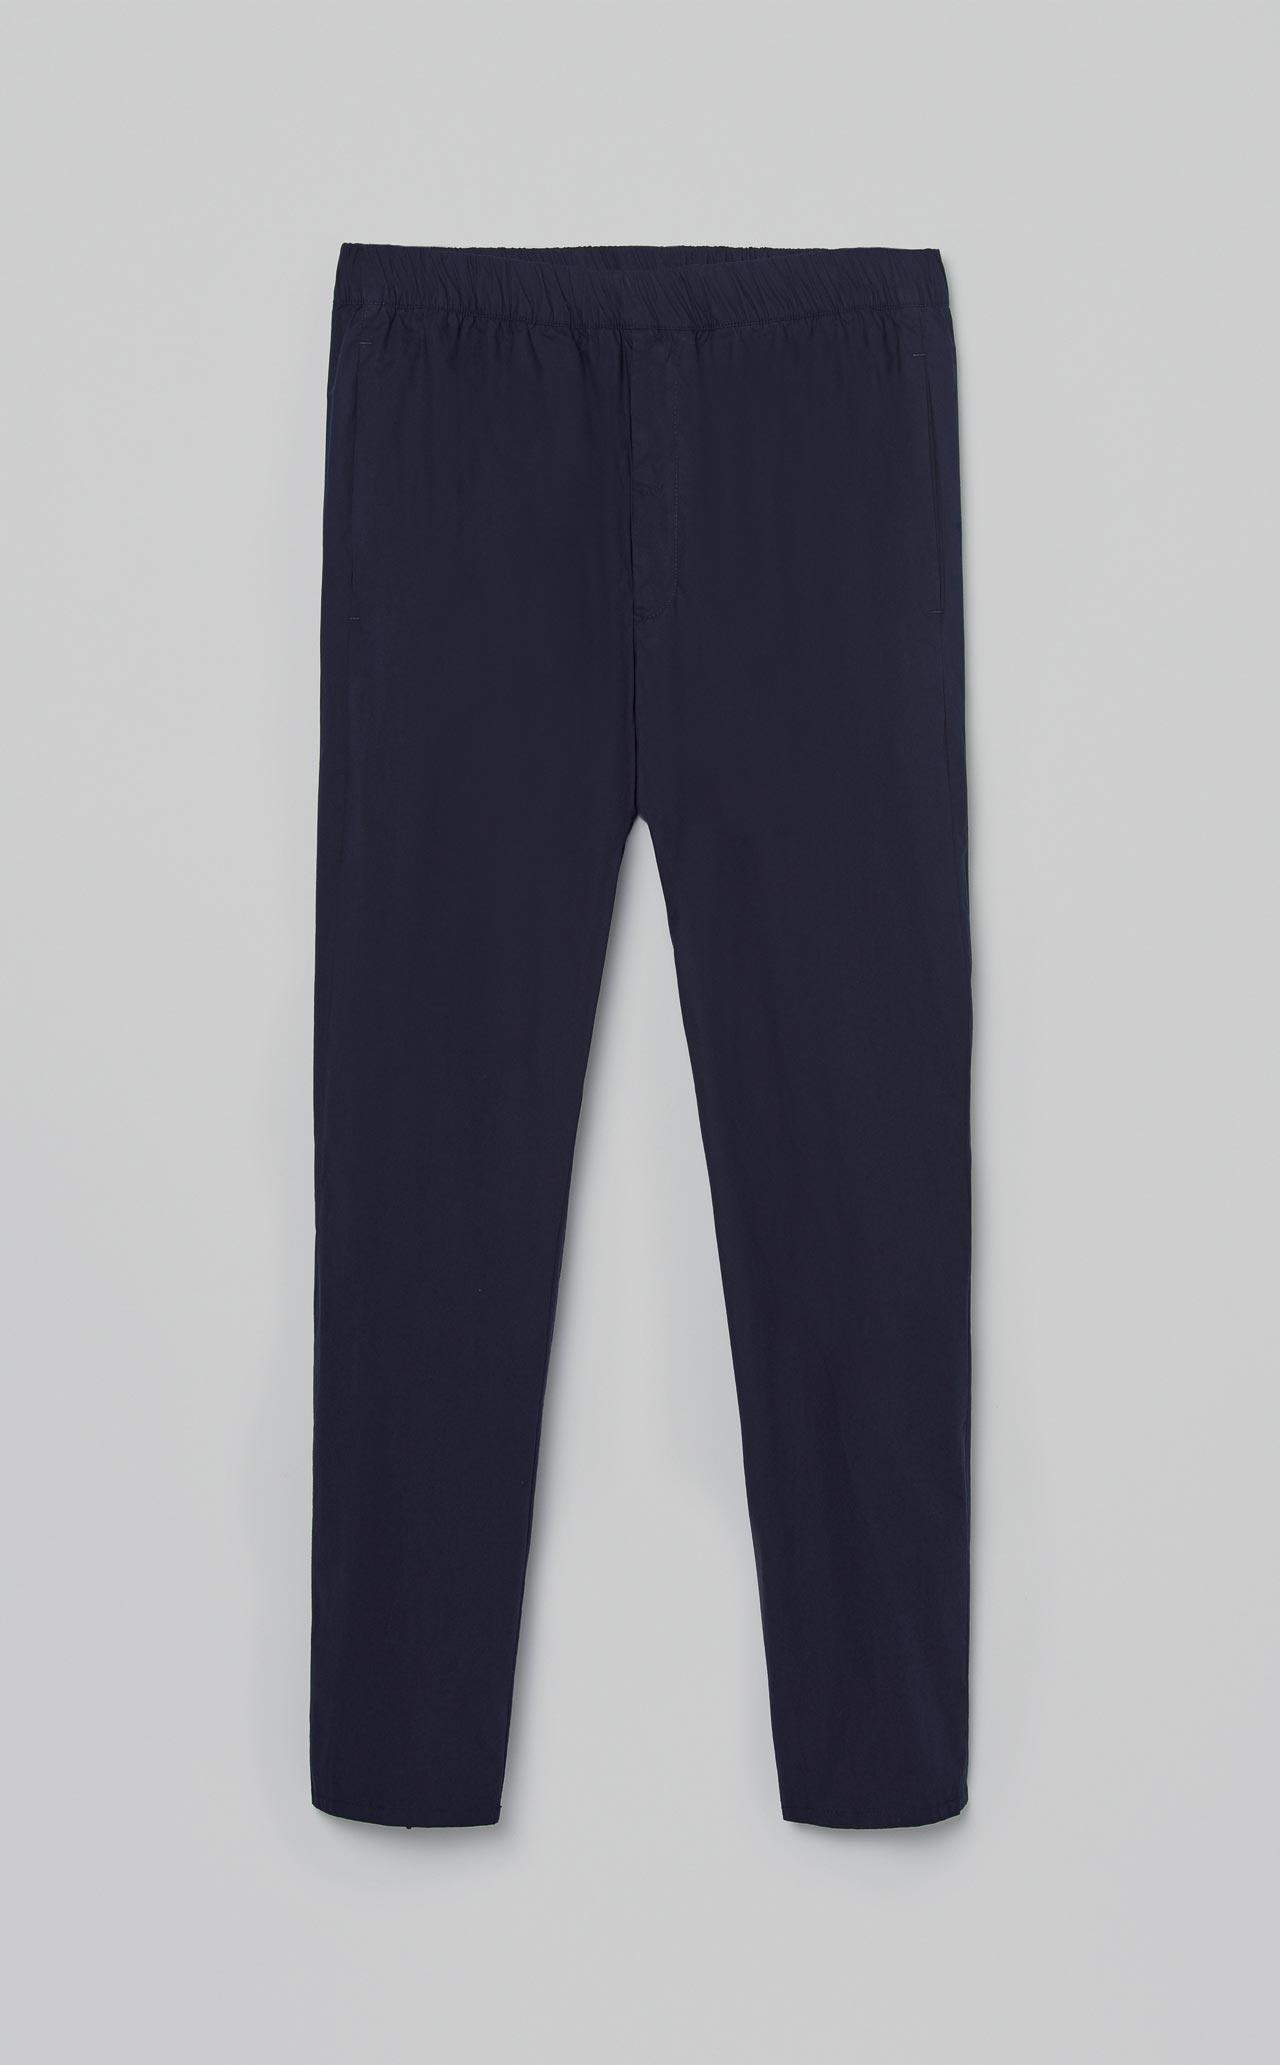 Pantalon Leni